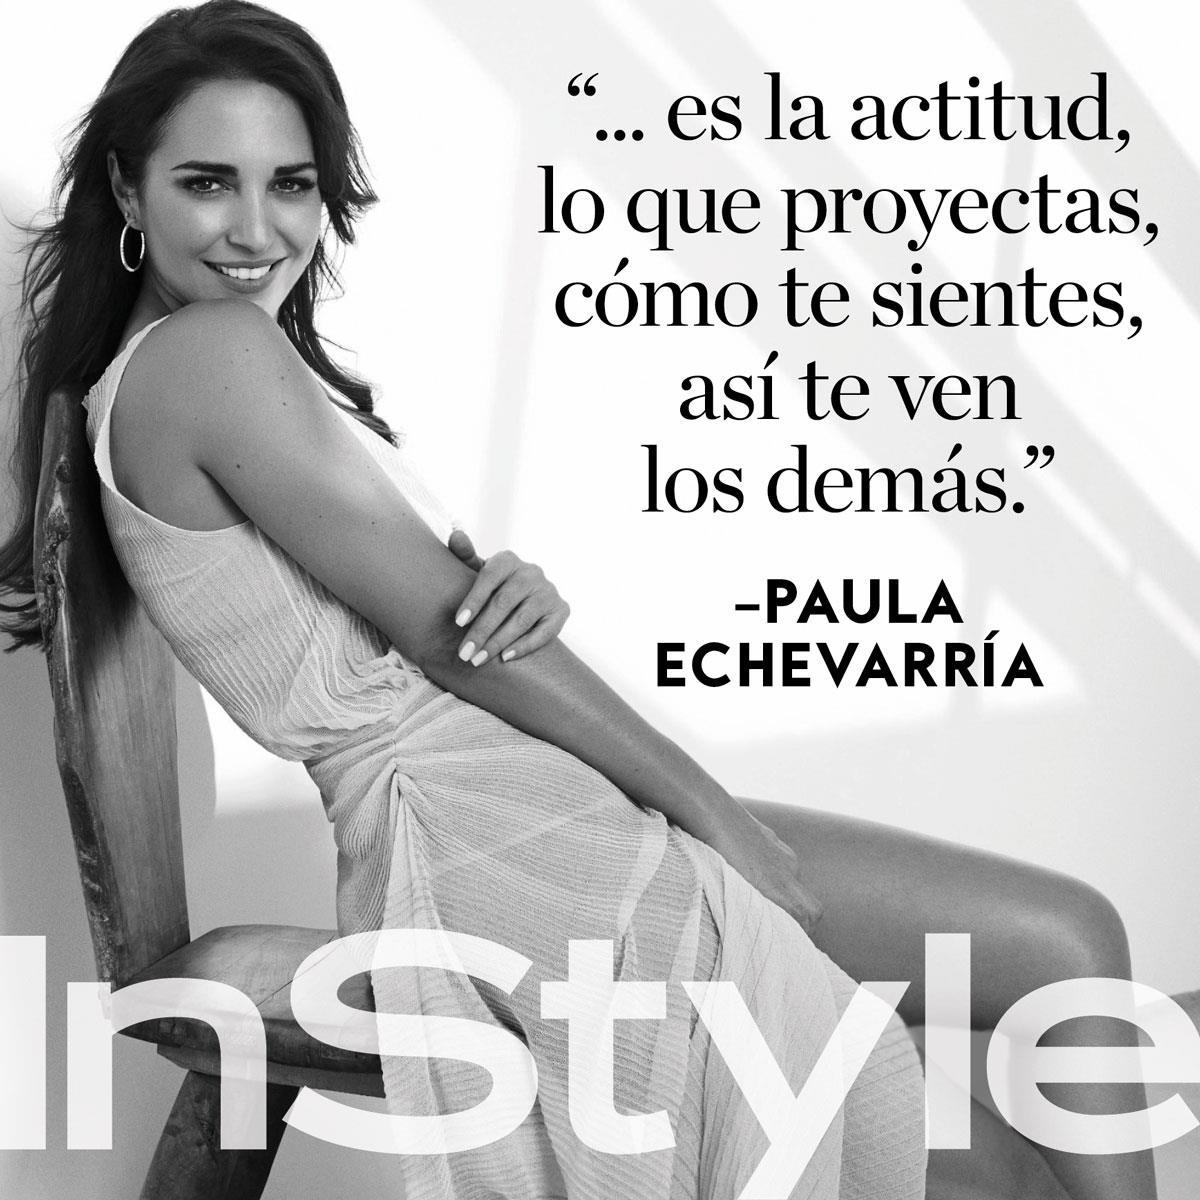 98891f6c391e 430 Fotos de Paula Echevarría